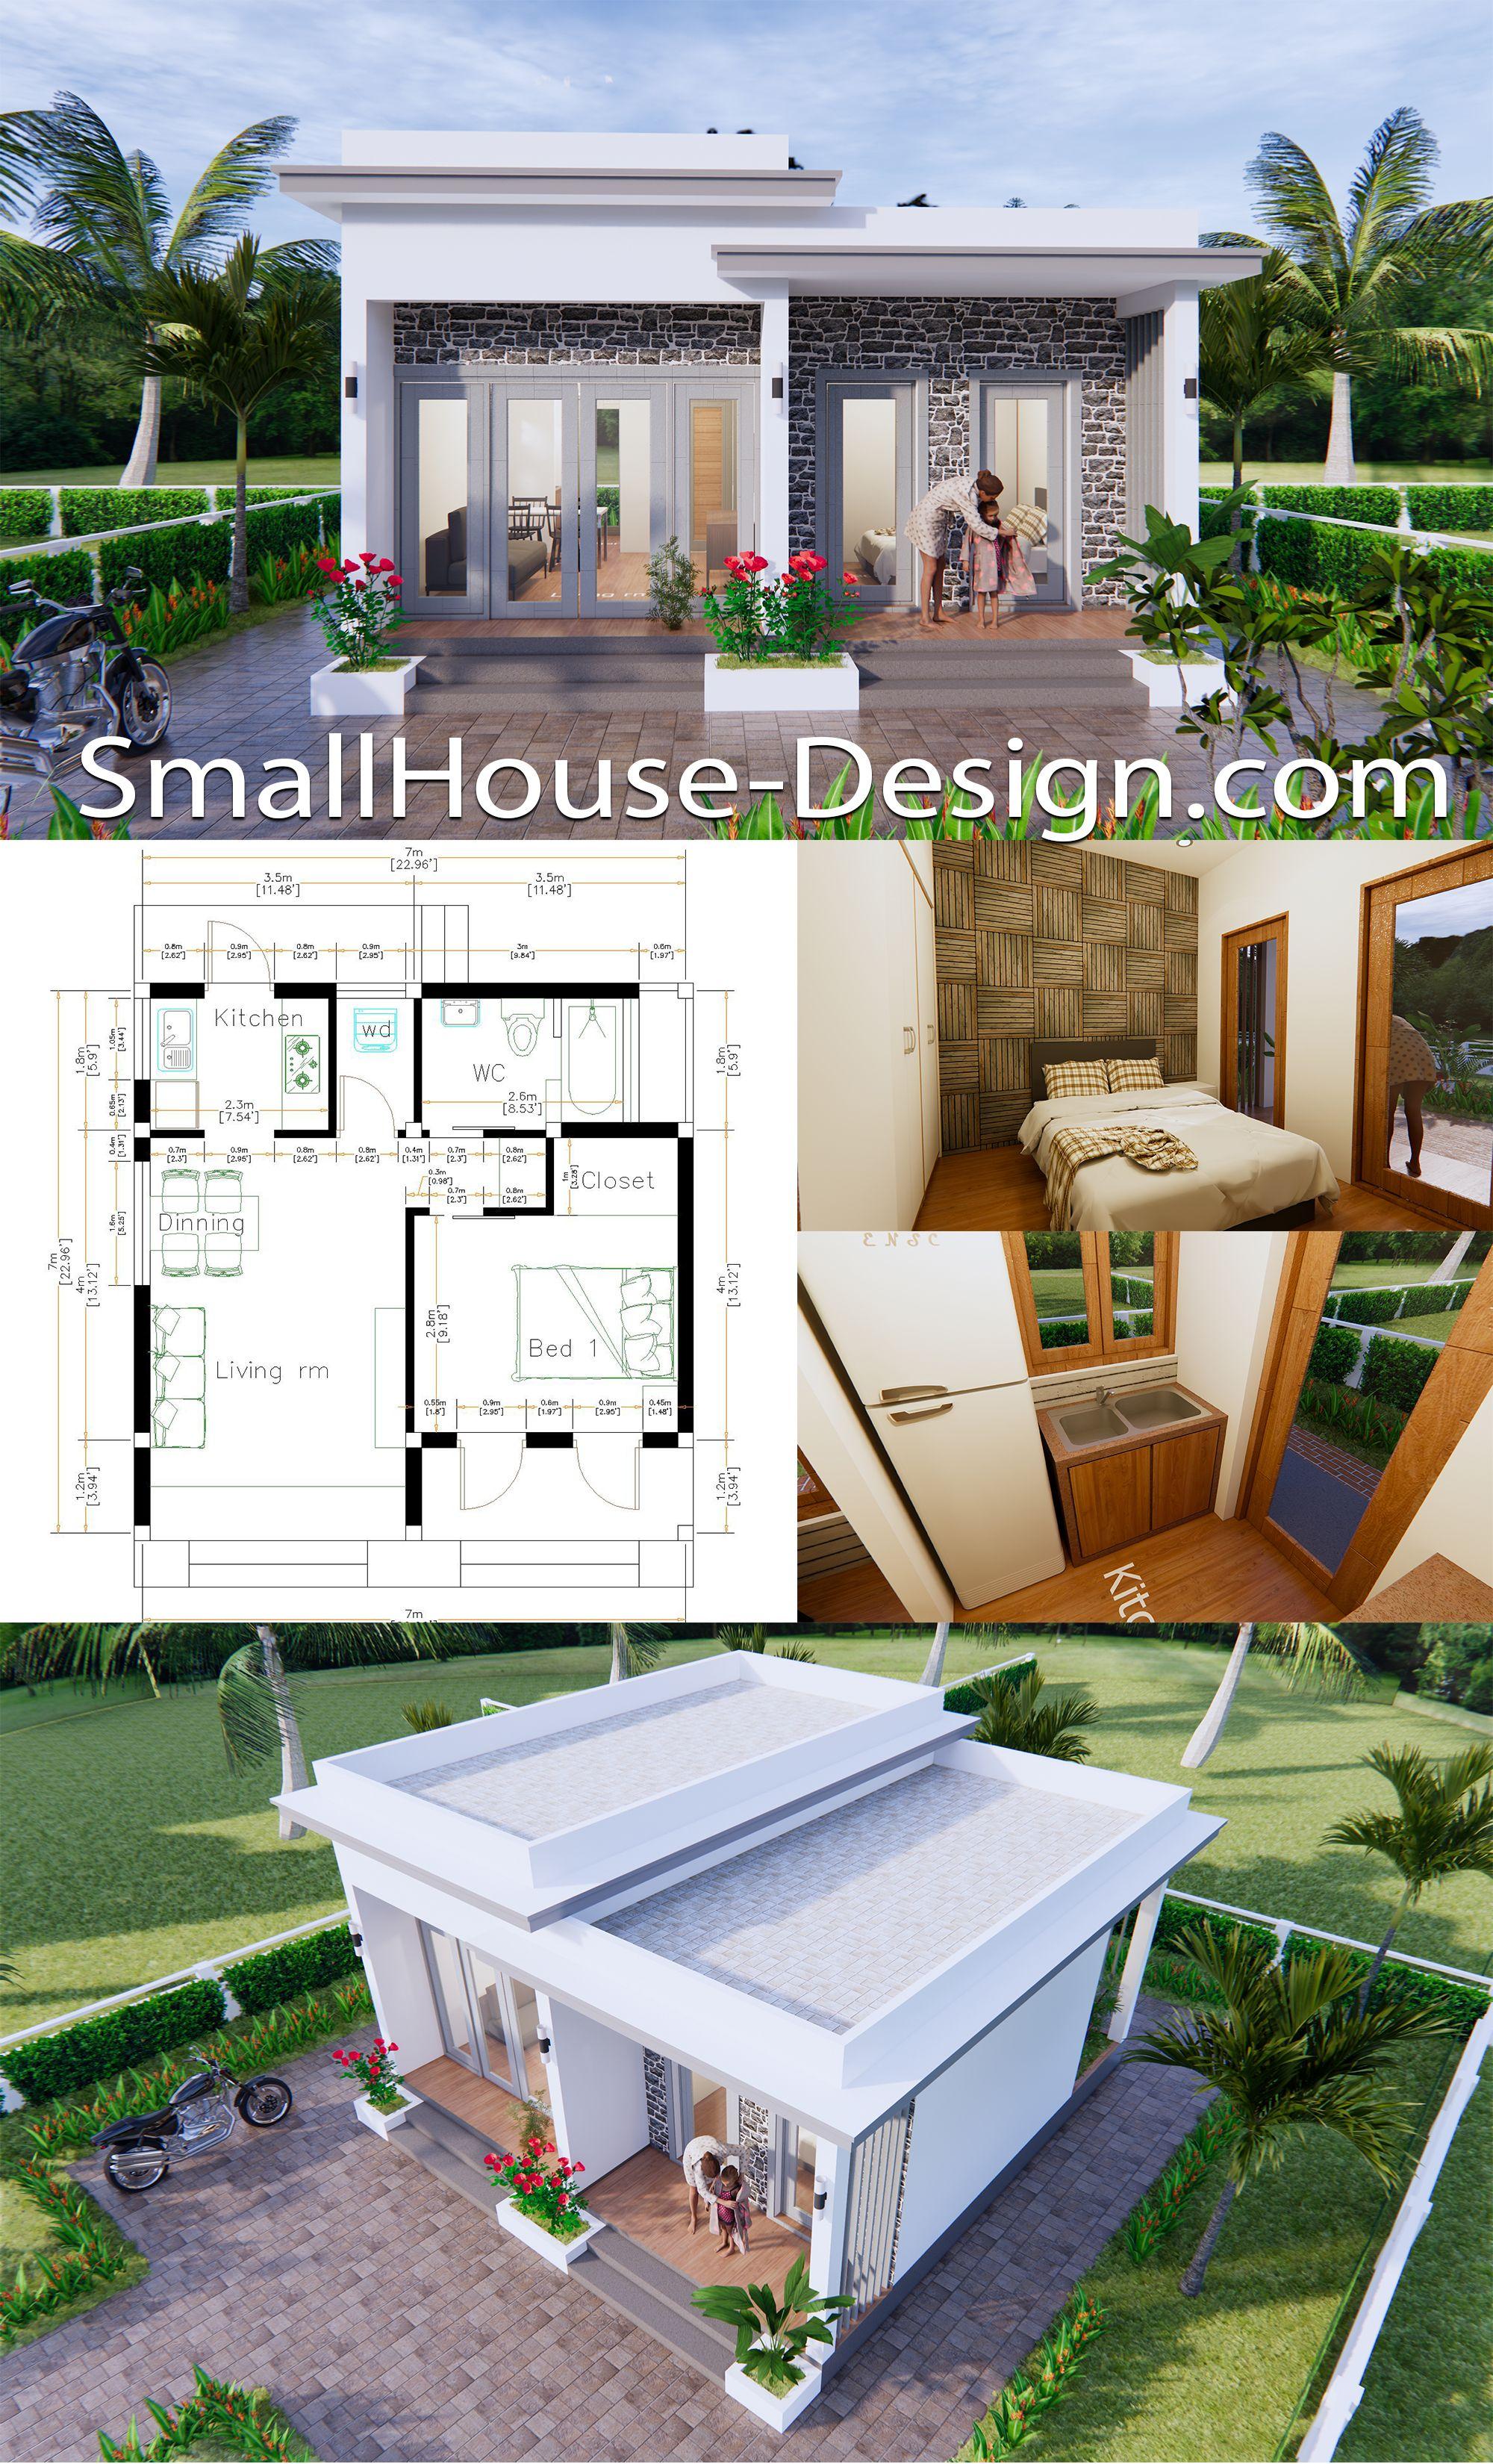 bb78416fcacb0ff2bd1d527d16abcb98 - 26+ Small Modern House Plans Pdf  PNG